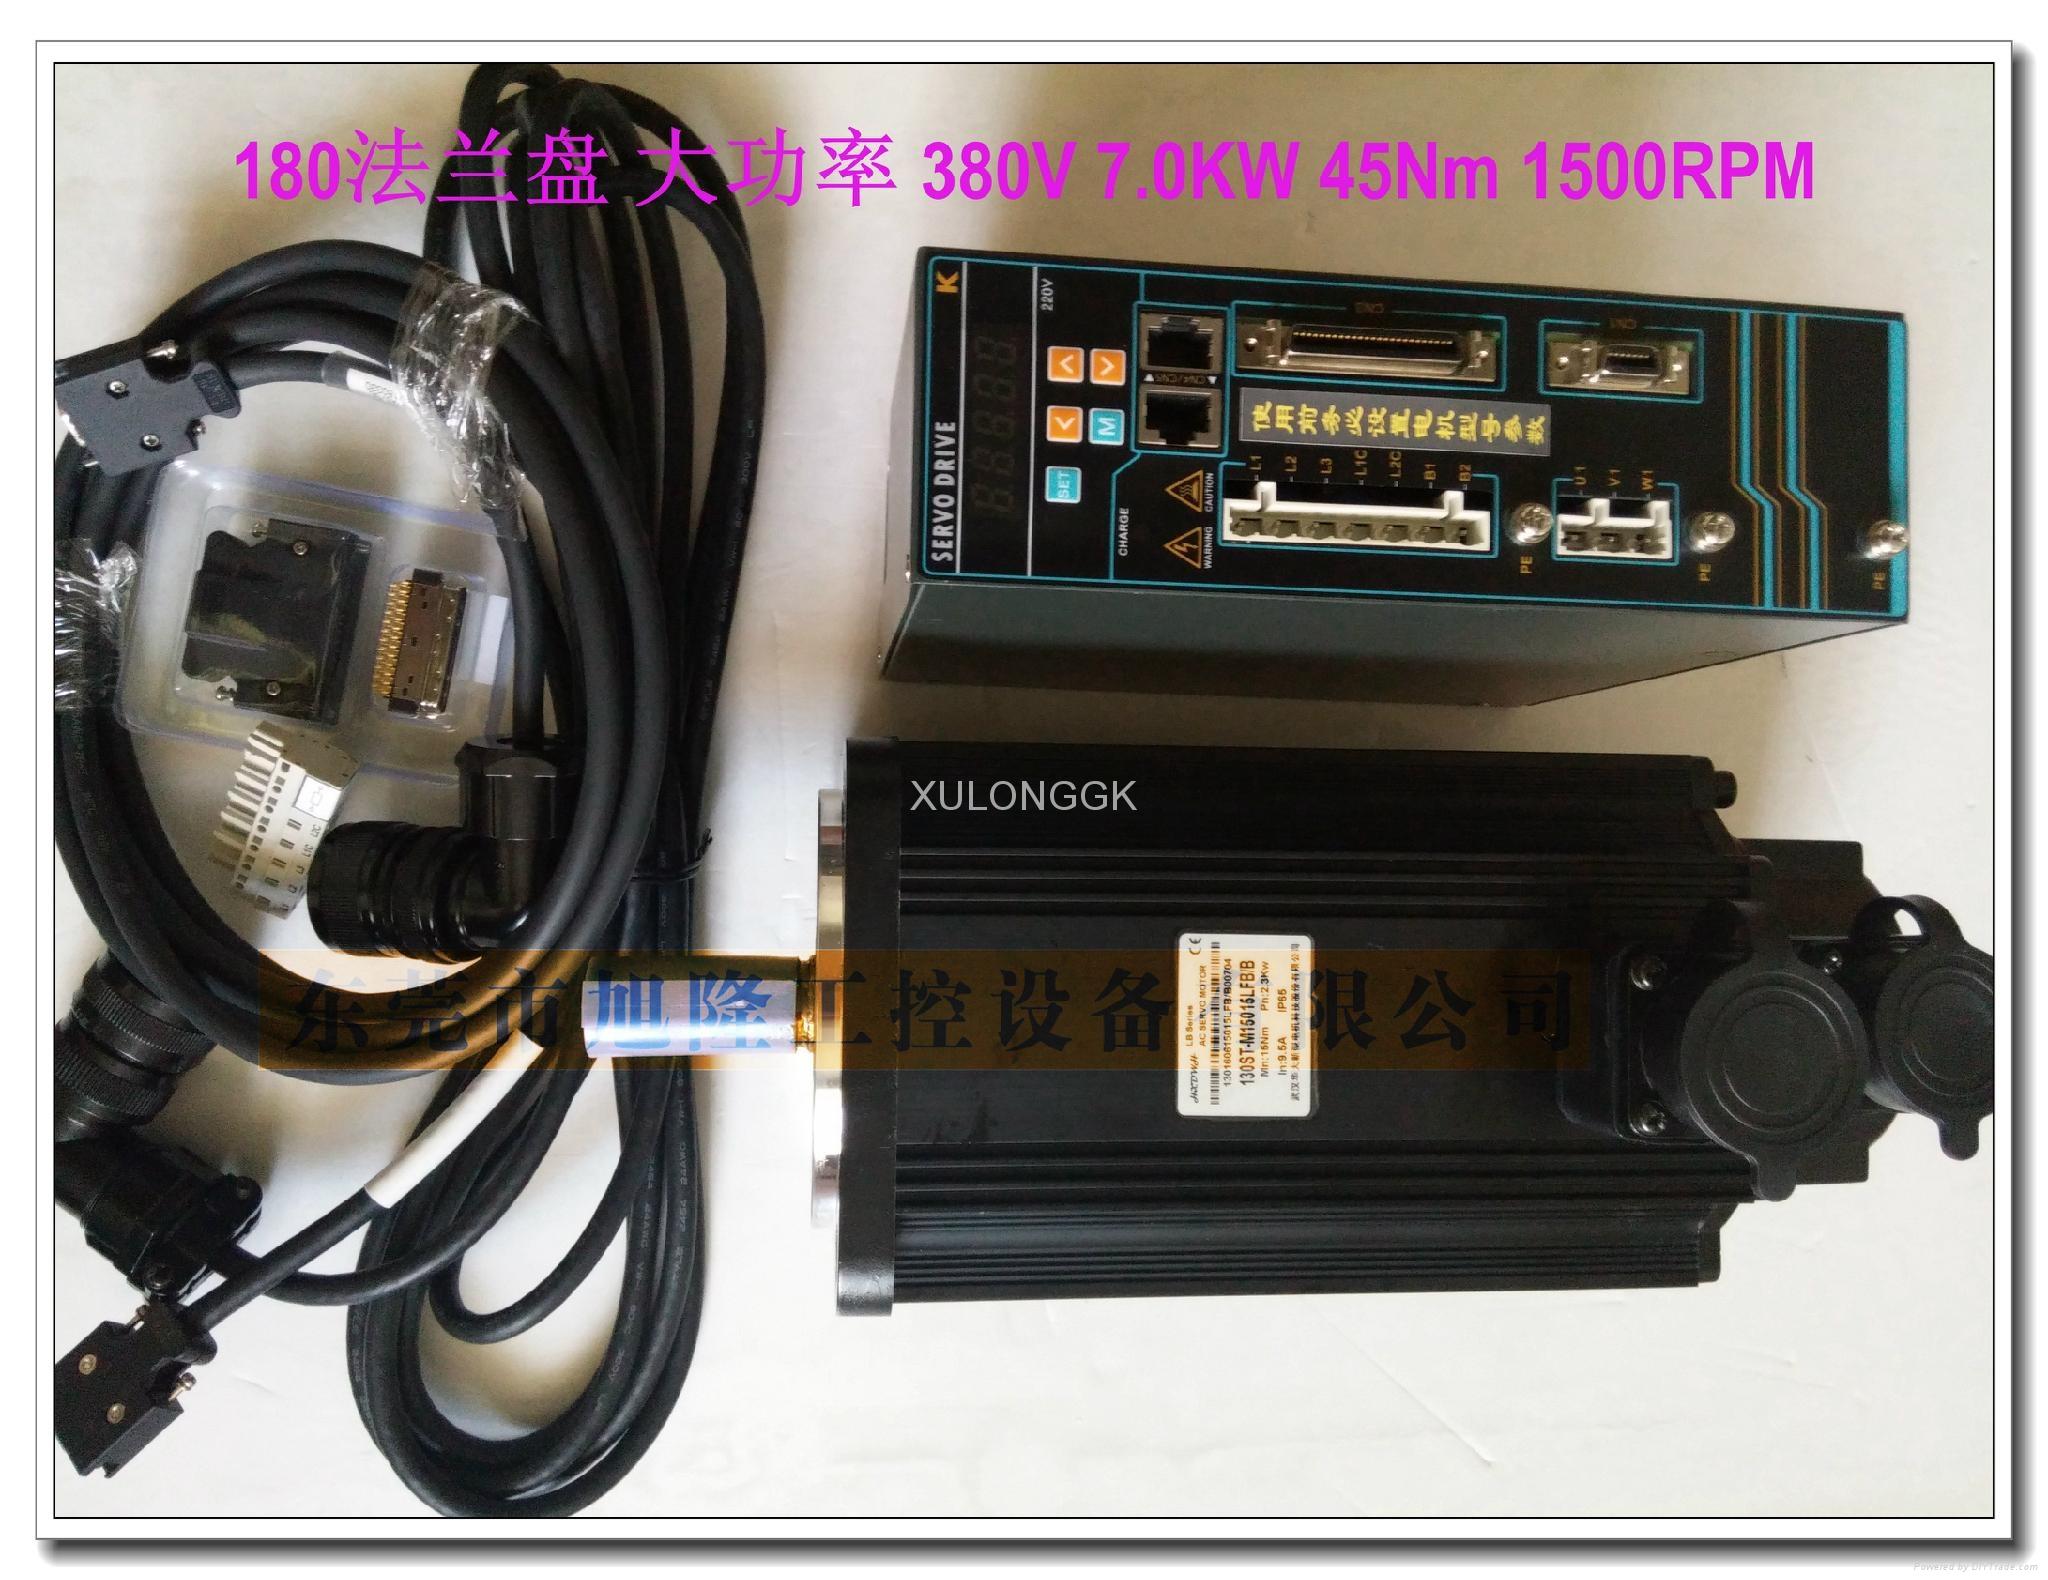 华大伺服电机配75A伺服驱动器180ST-M45015HFB 高压7.0kw 45N  380V 分条机用高稳定性